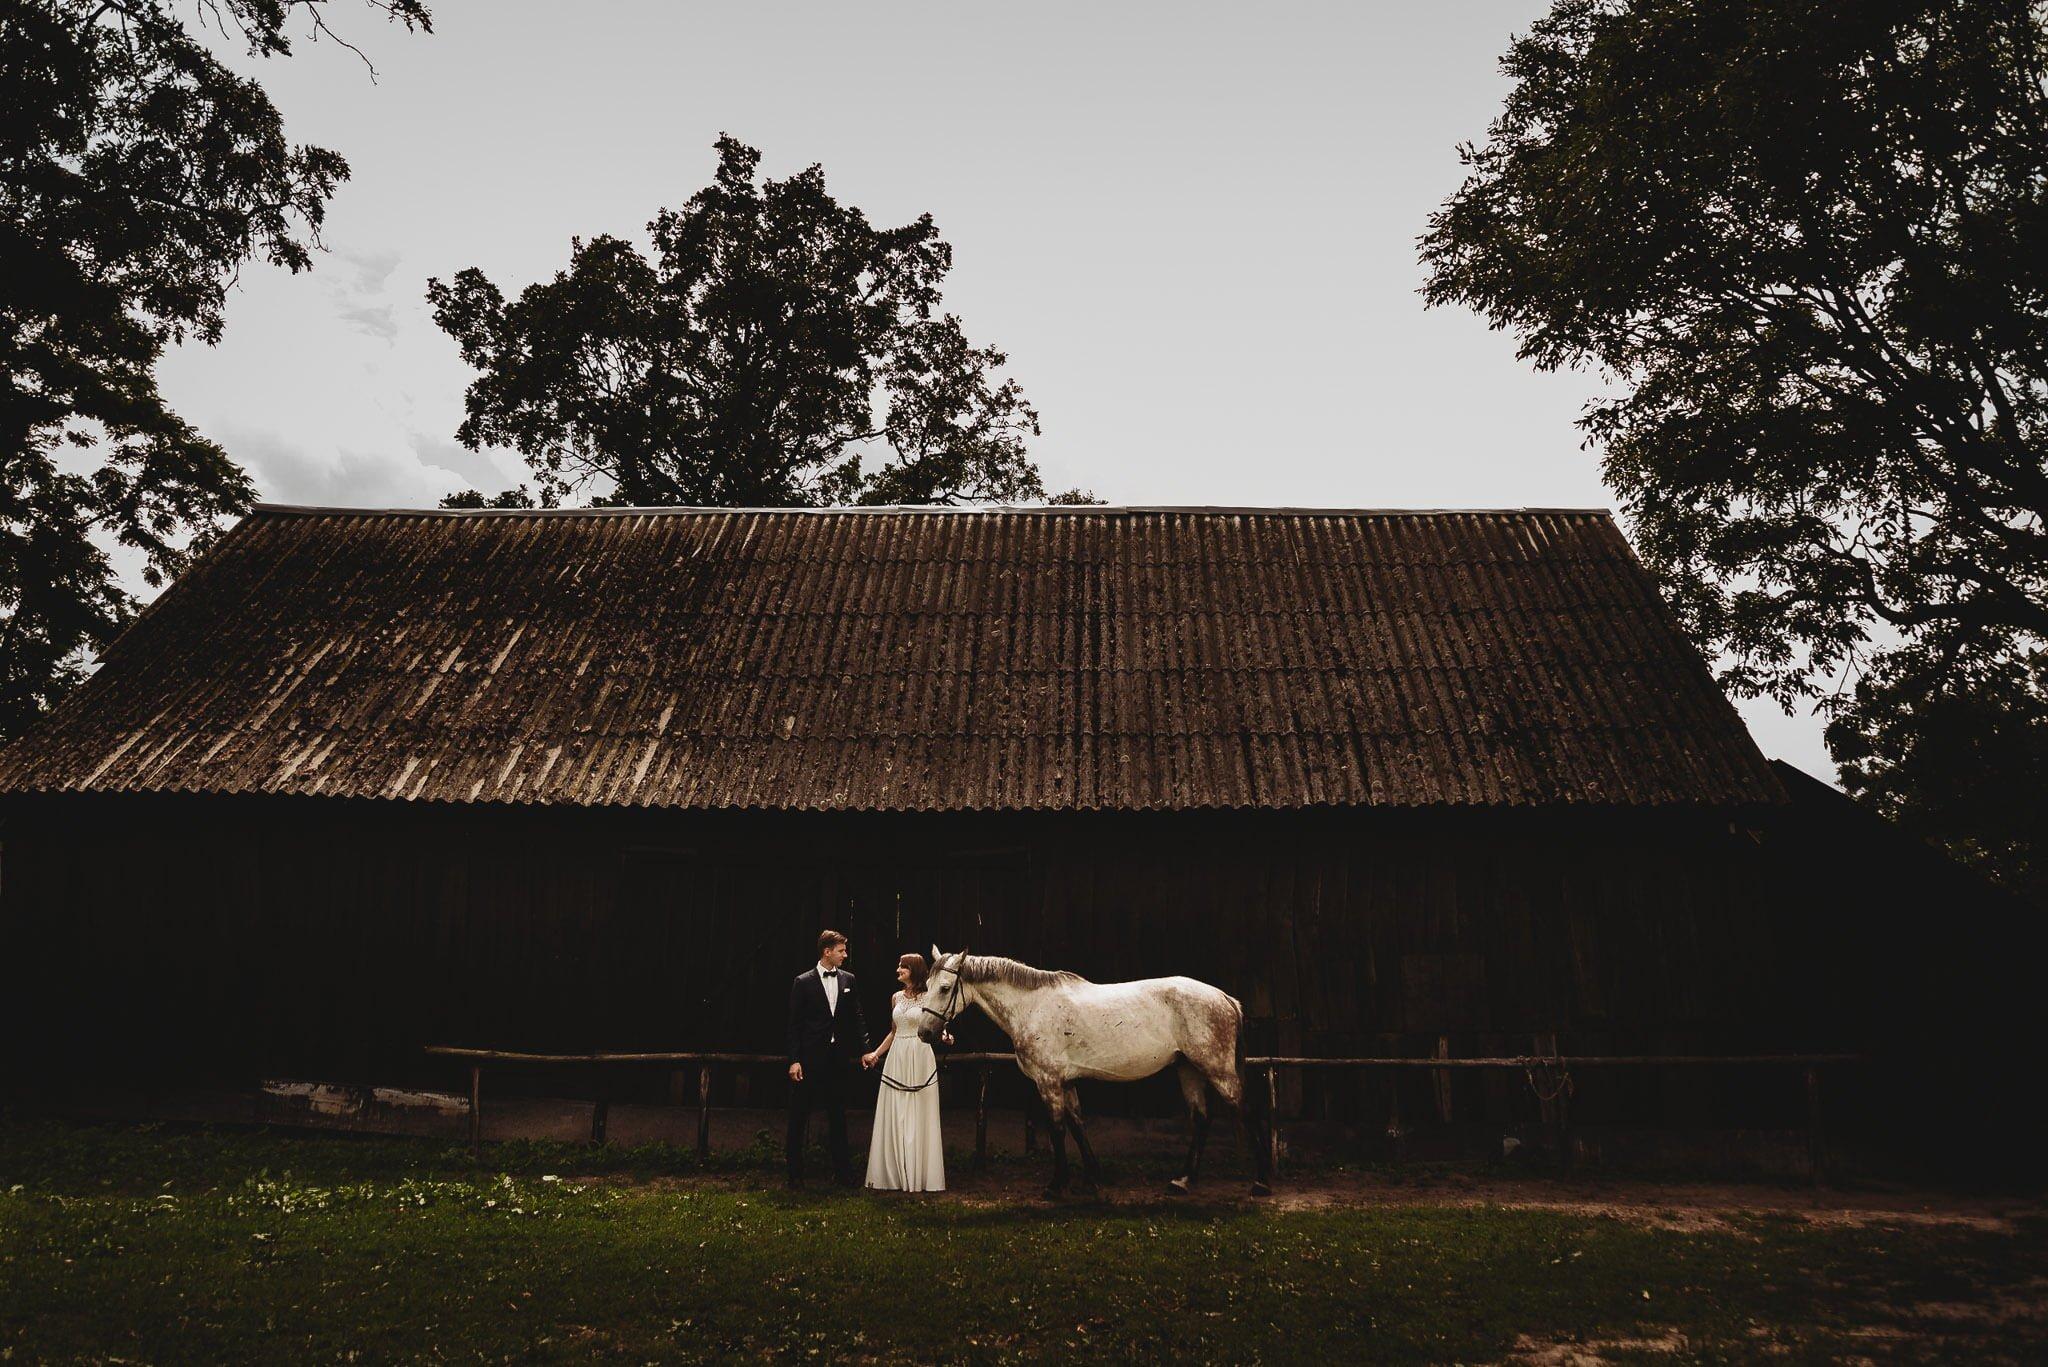 Monika i Michał, wesele w Paryżu i sesja plenerowa w stadninie koni w Czołowie 368